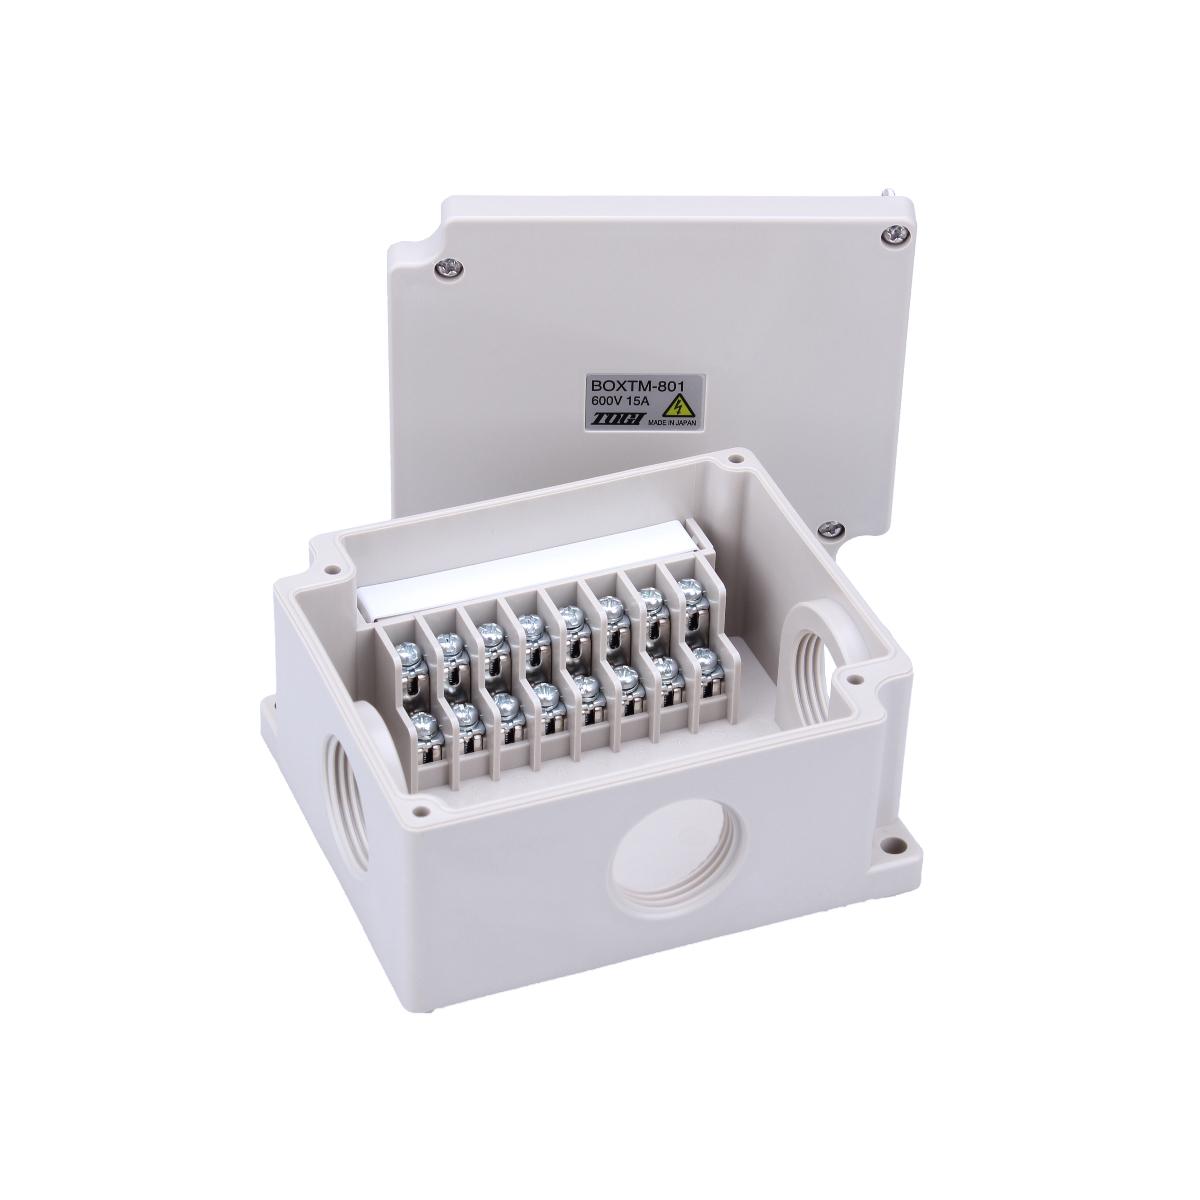 東洋技研製中継ボックス / 端子台付き BOXTM801 5個 送料無料